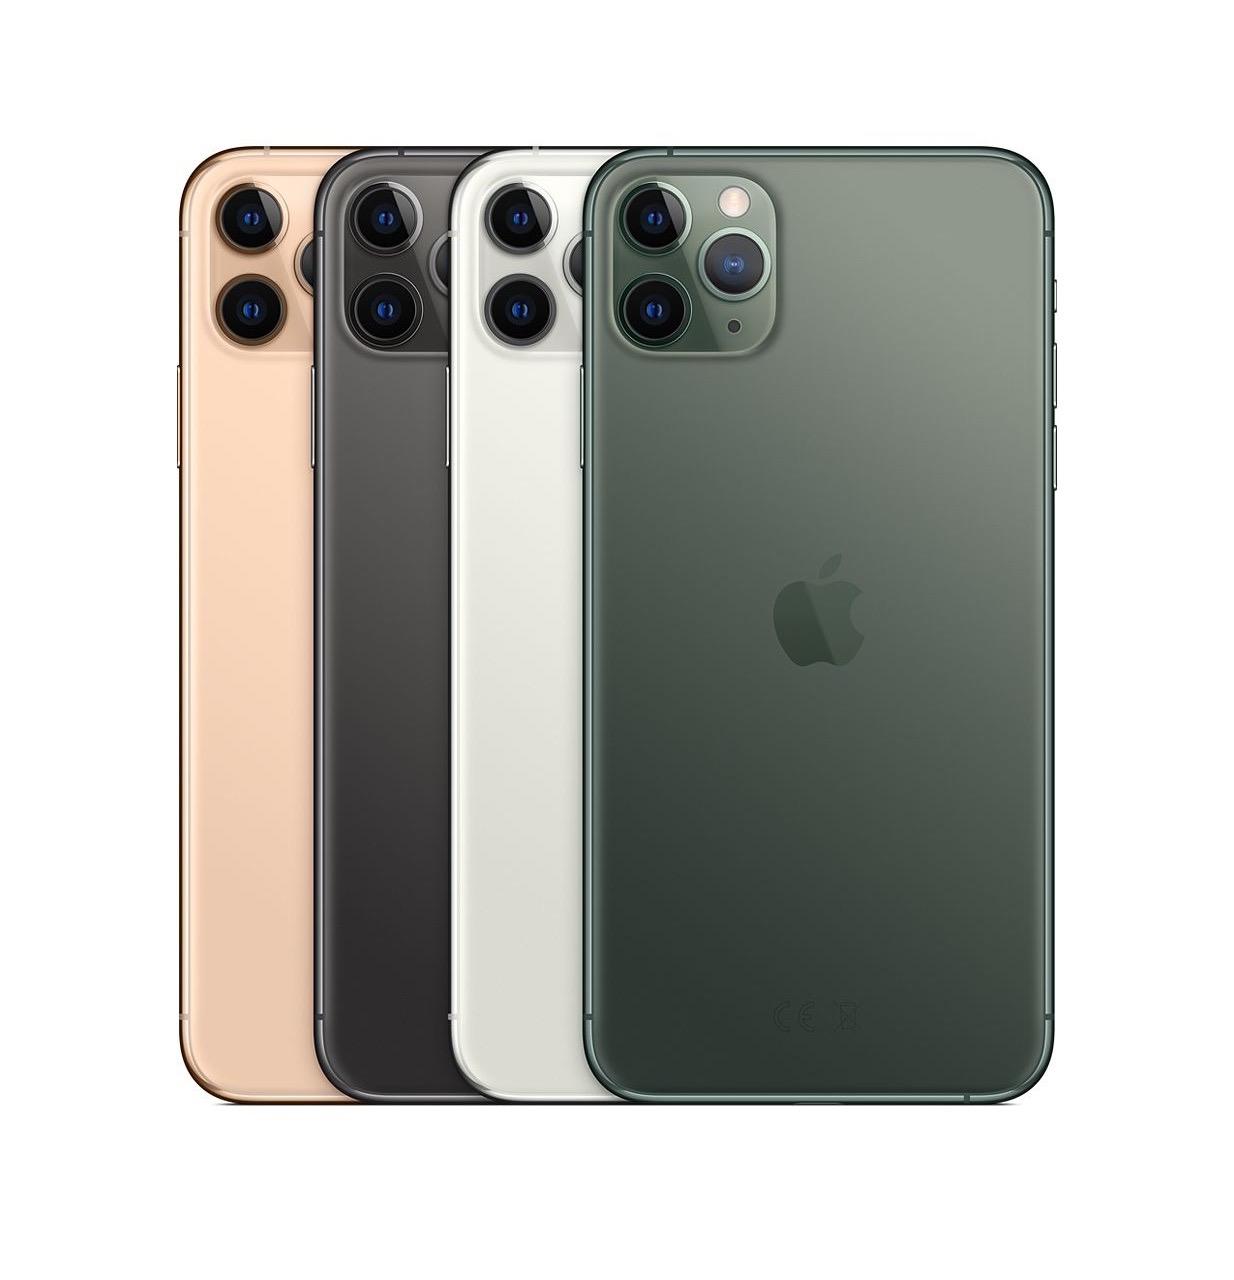 iPhone 11 Pro Max 256GB Gece Yeşili